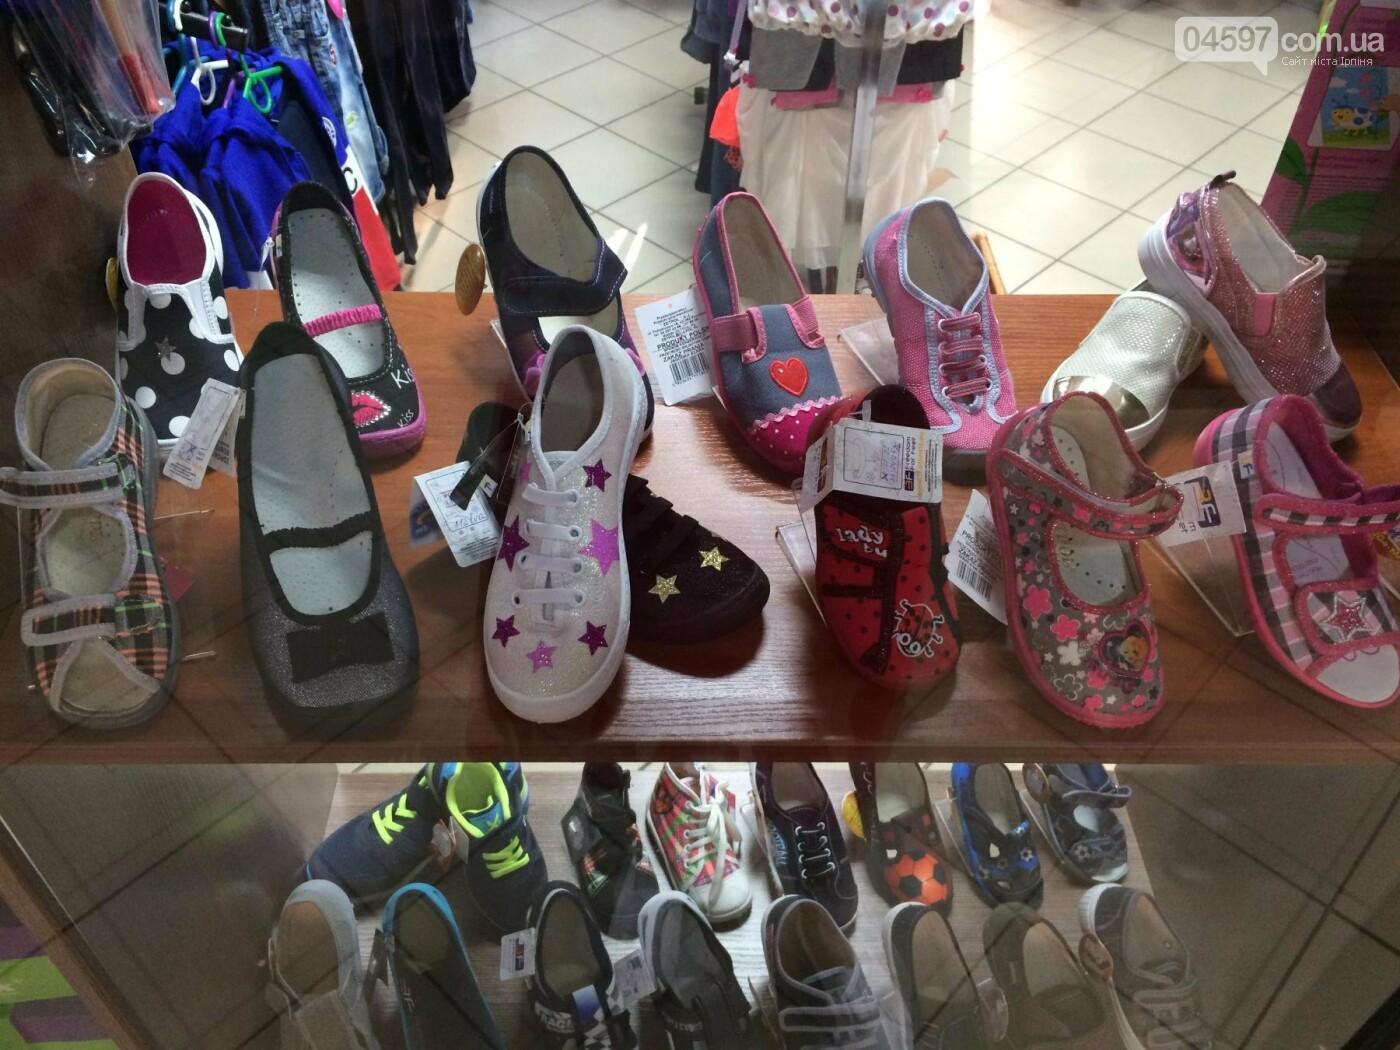 Де купити дитячий одяг в Ірпені: асортимент та ціни, фото-101